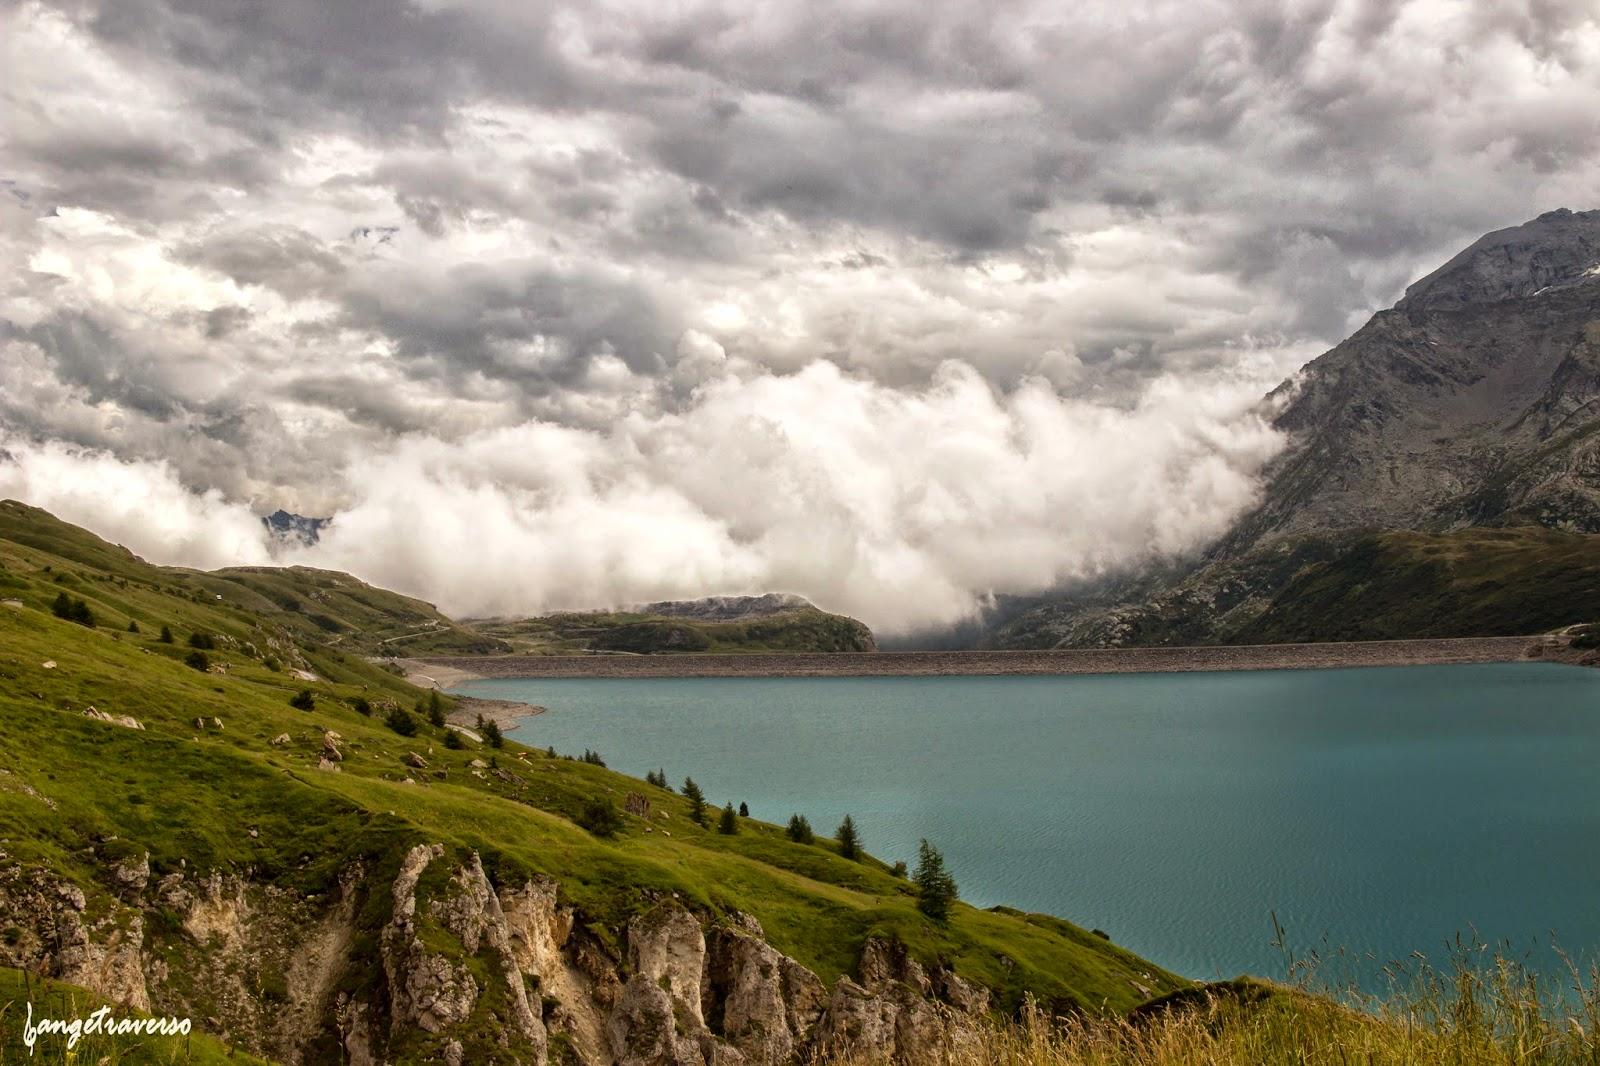 Randonnée pédestre près du Lac du Mont-Cenis, Savoie, Italie